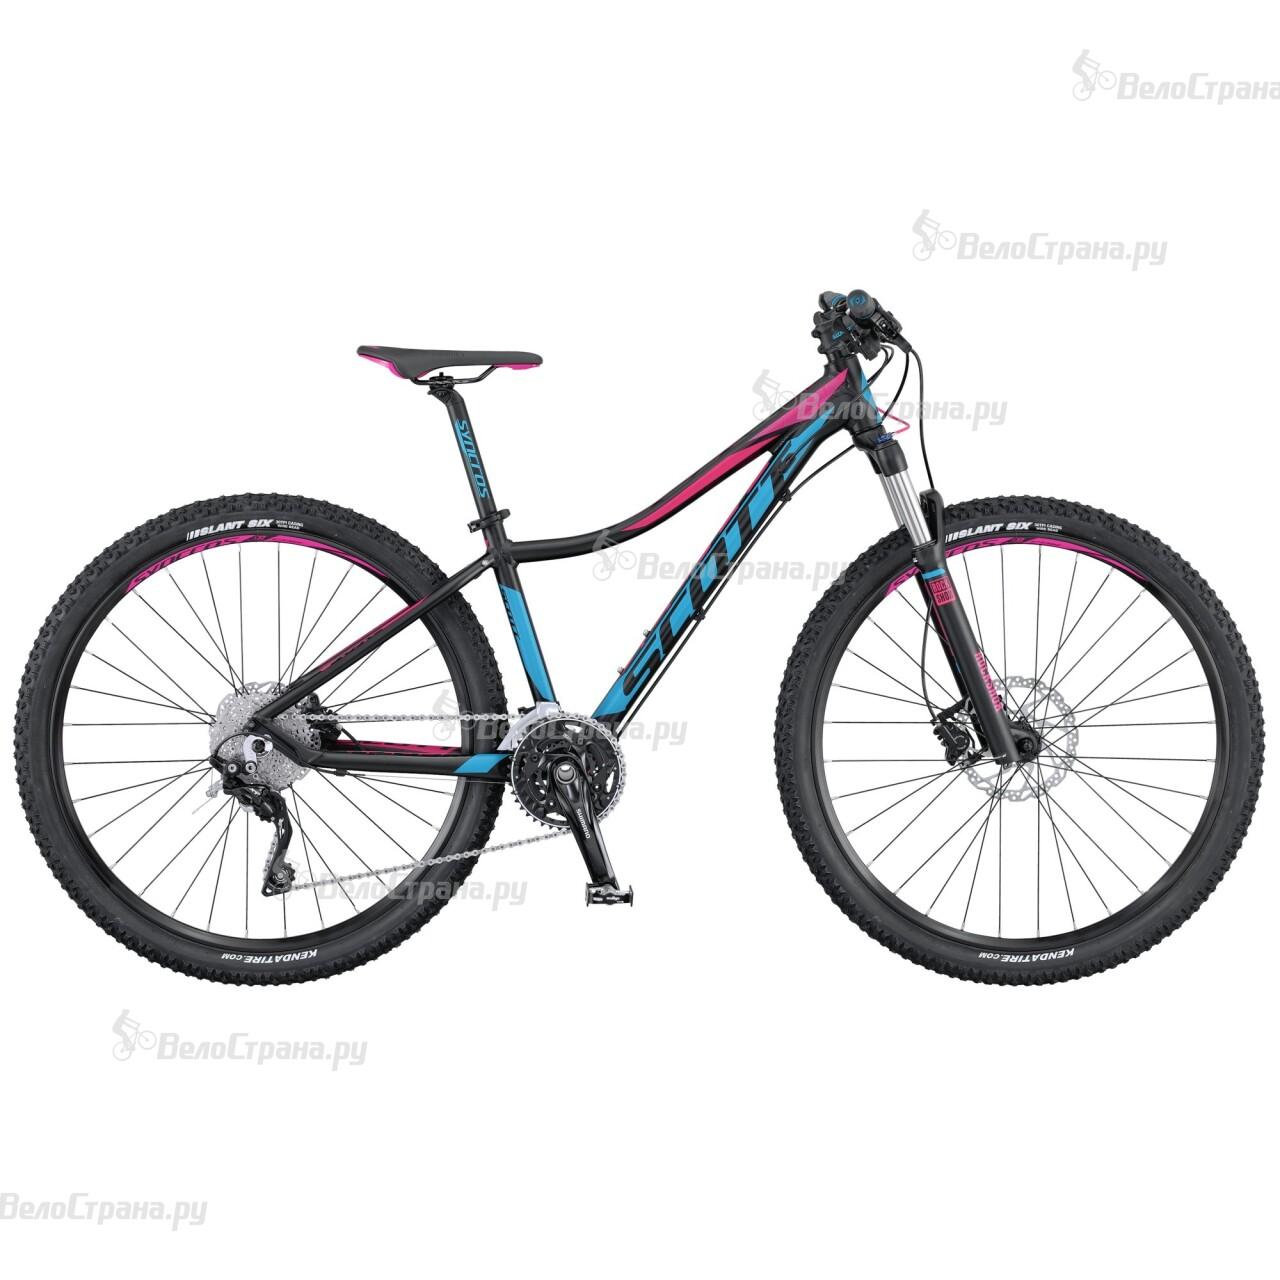 Велосипед Scott Contessa Scale 910 (2016)